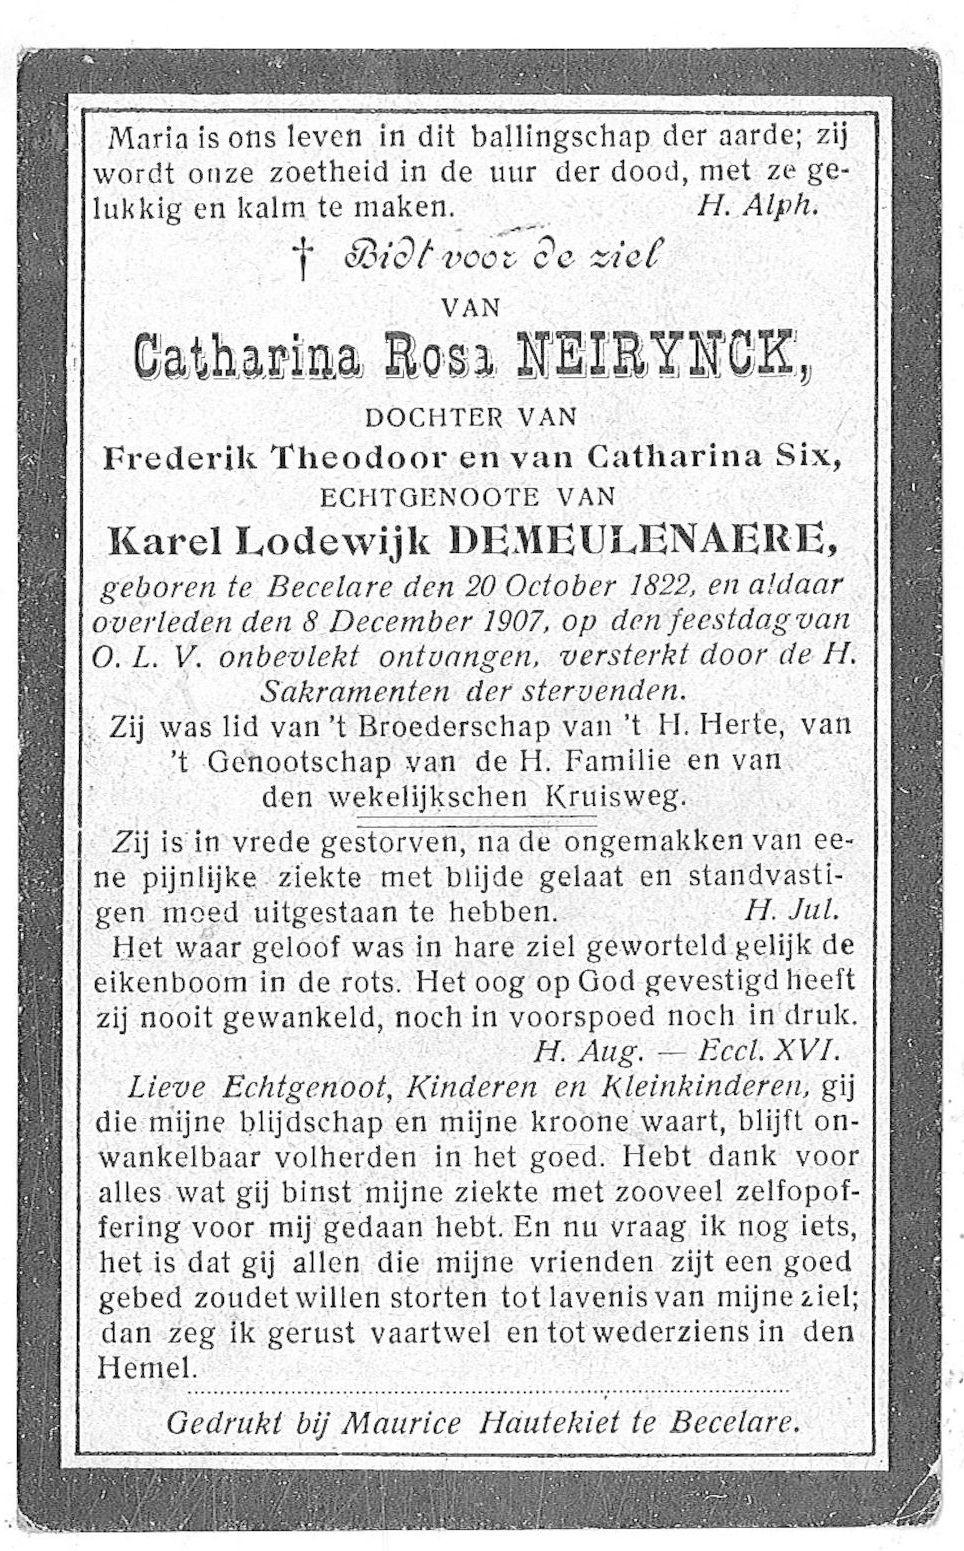 Catharina-Rosa Neirynck